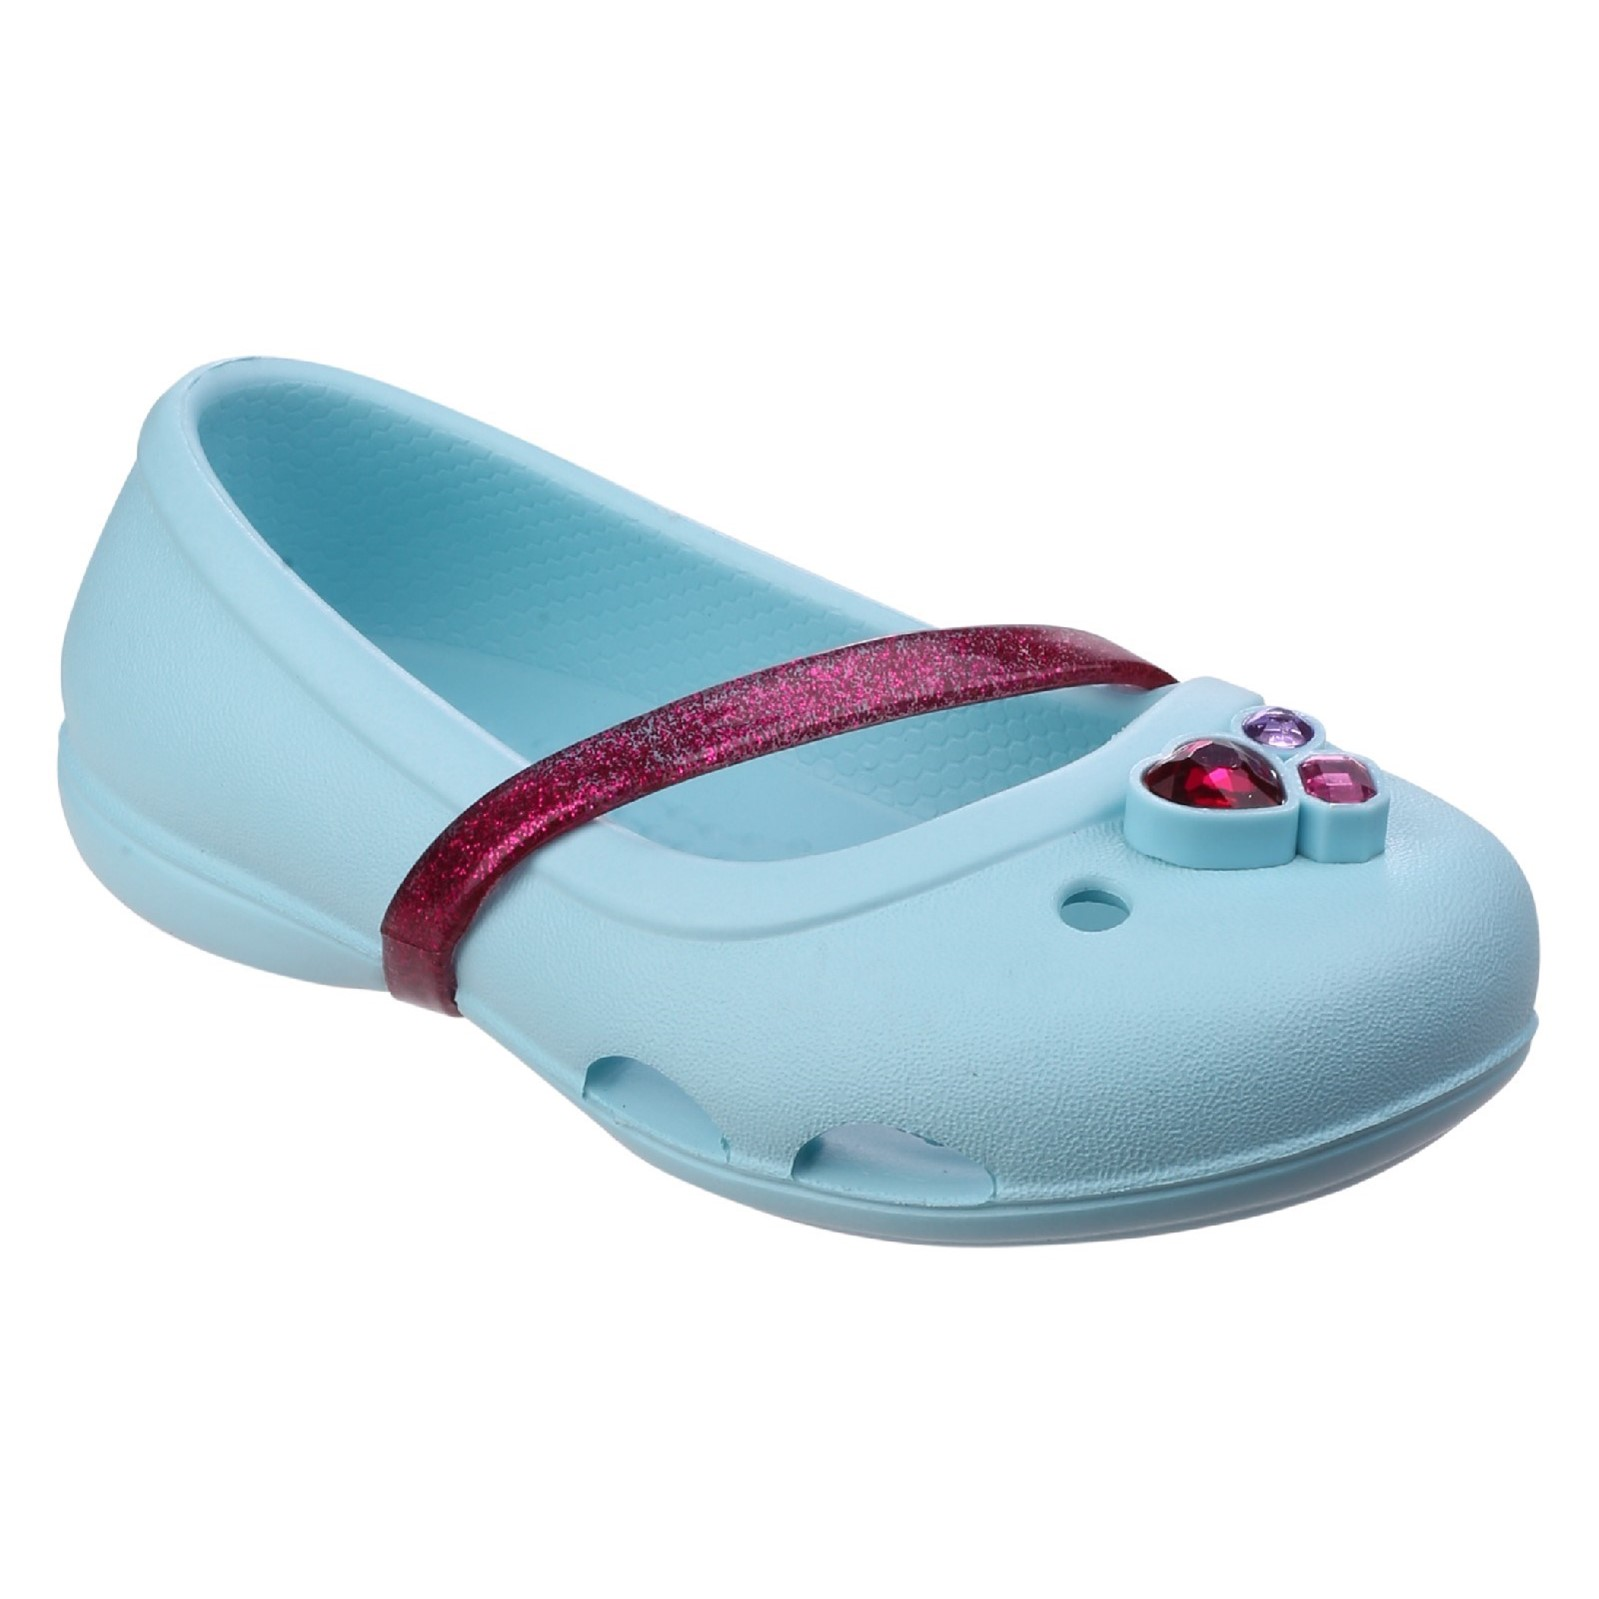 Crocs-Childrens-Girls-Lina-Flat-Shoes-FS5037